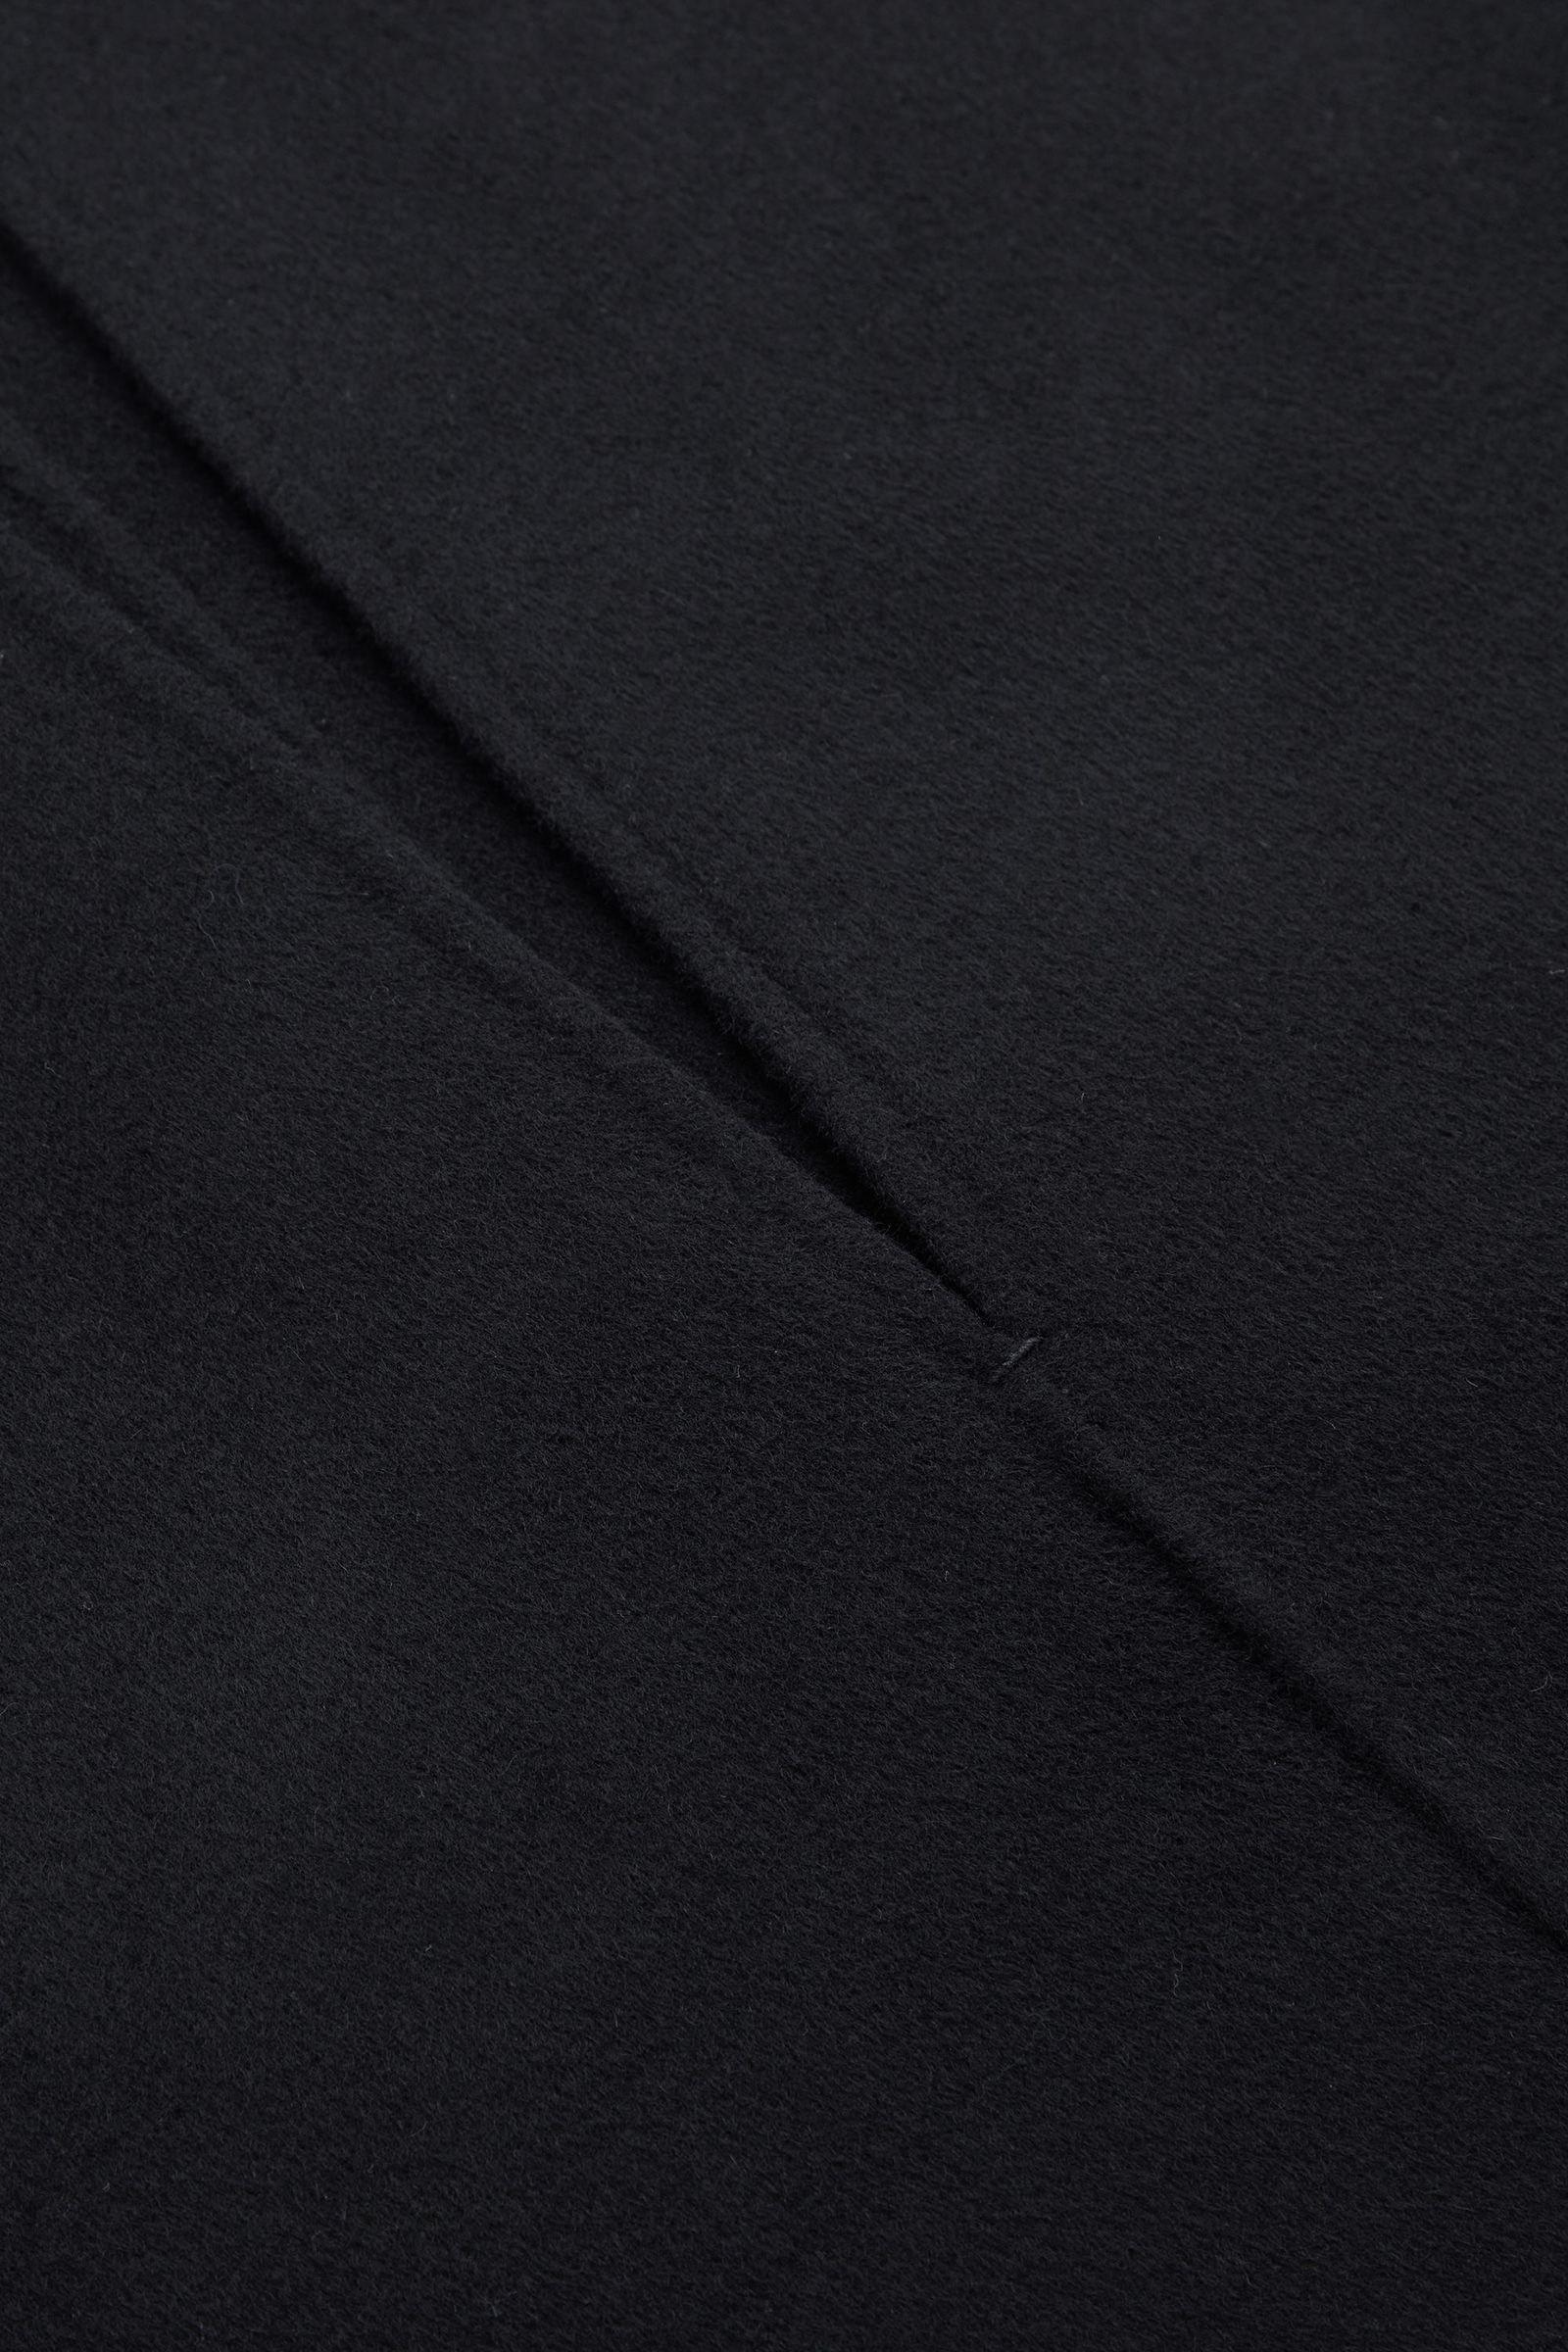 COS 딥 브이넥 슬리브리스 탑의 블랙컬러 Detail입니다.